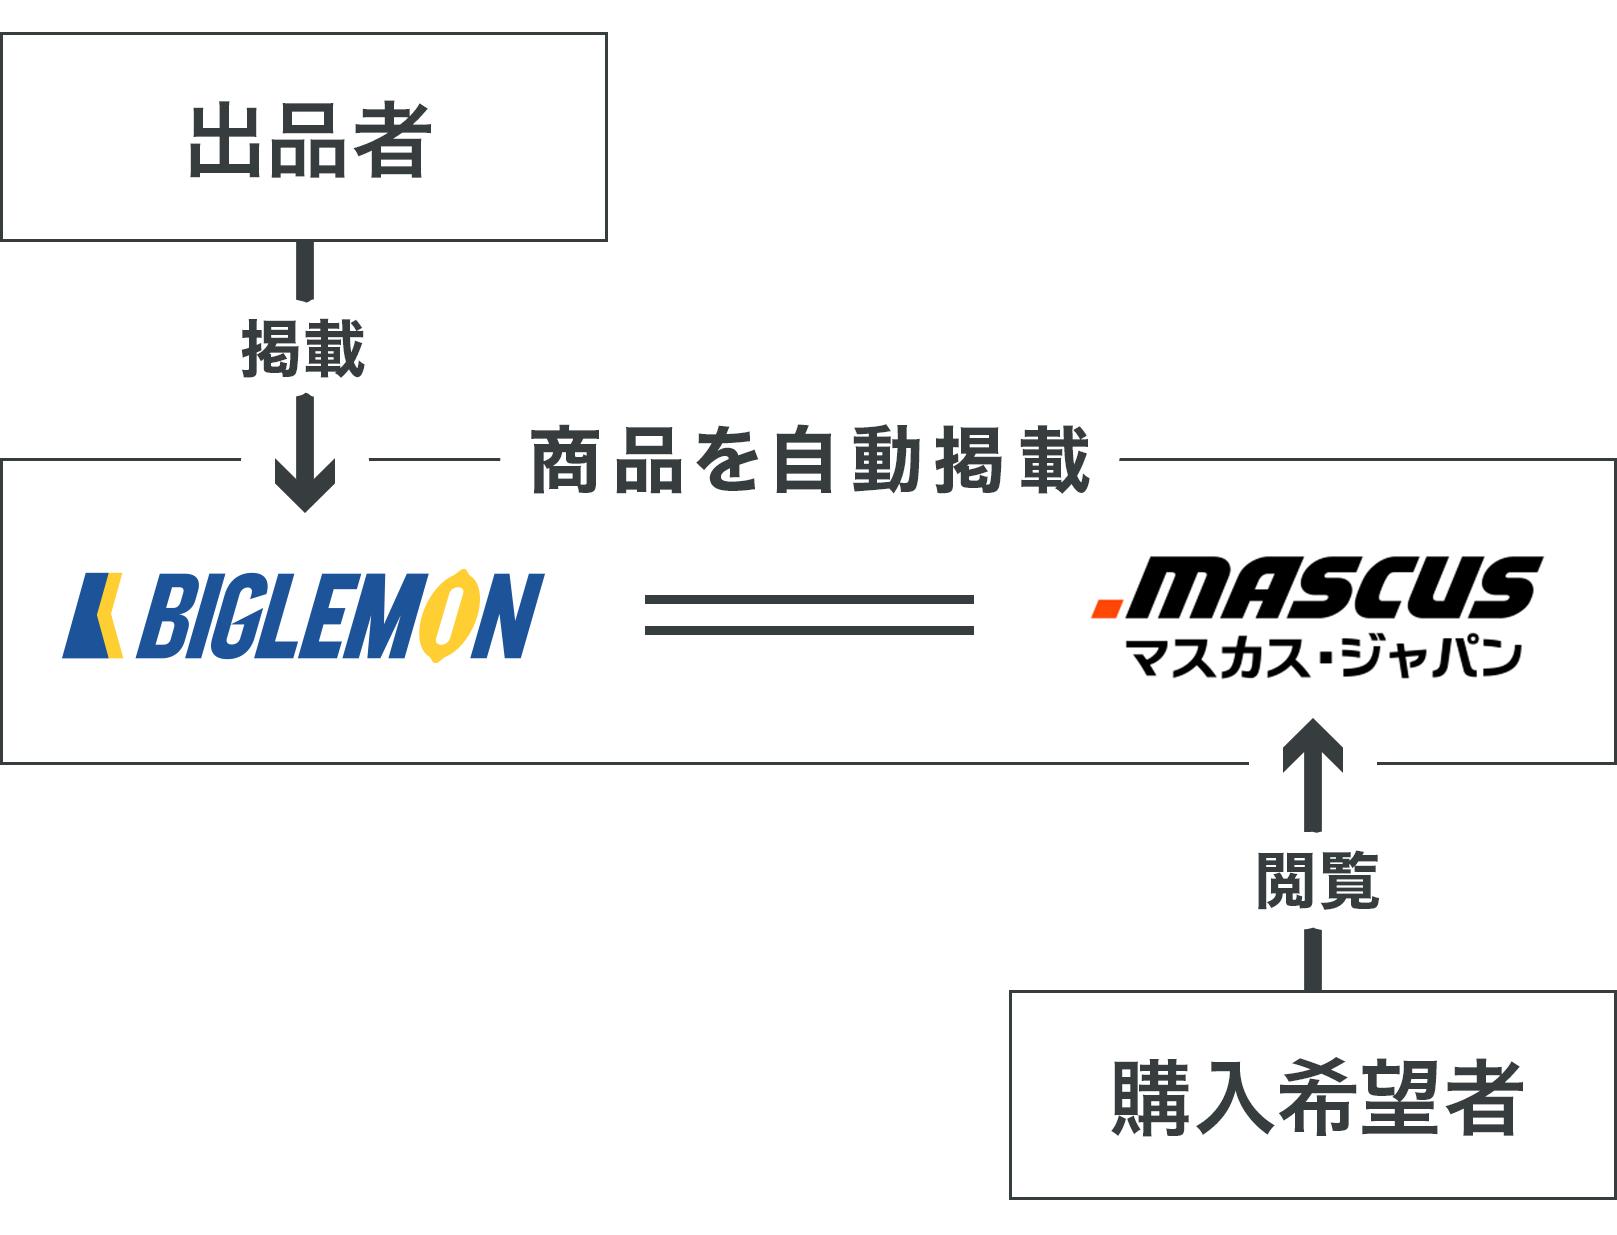 マスカス連携のフロー図